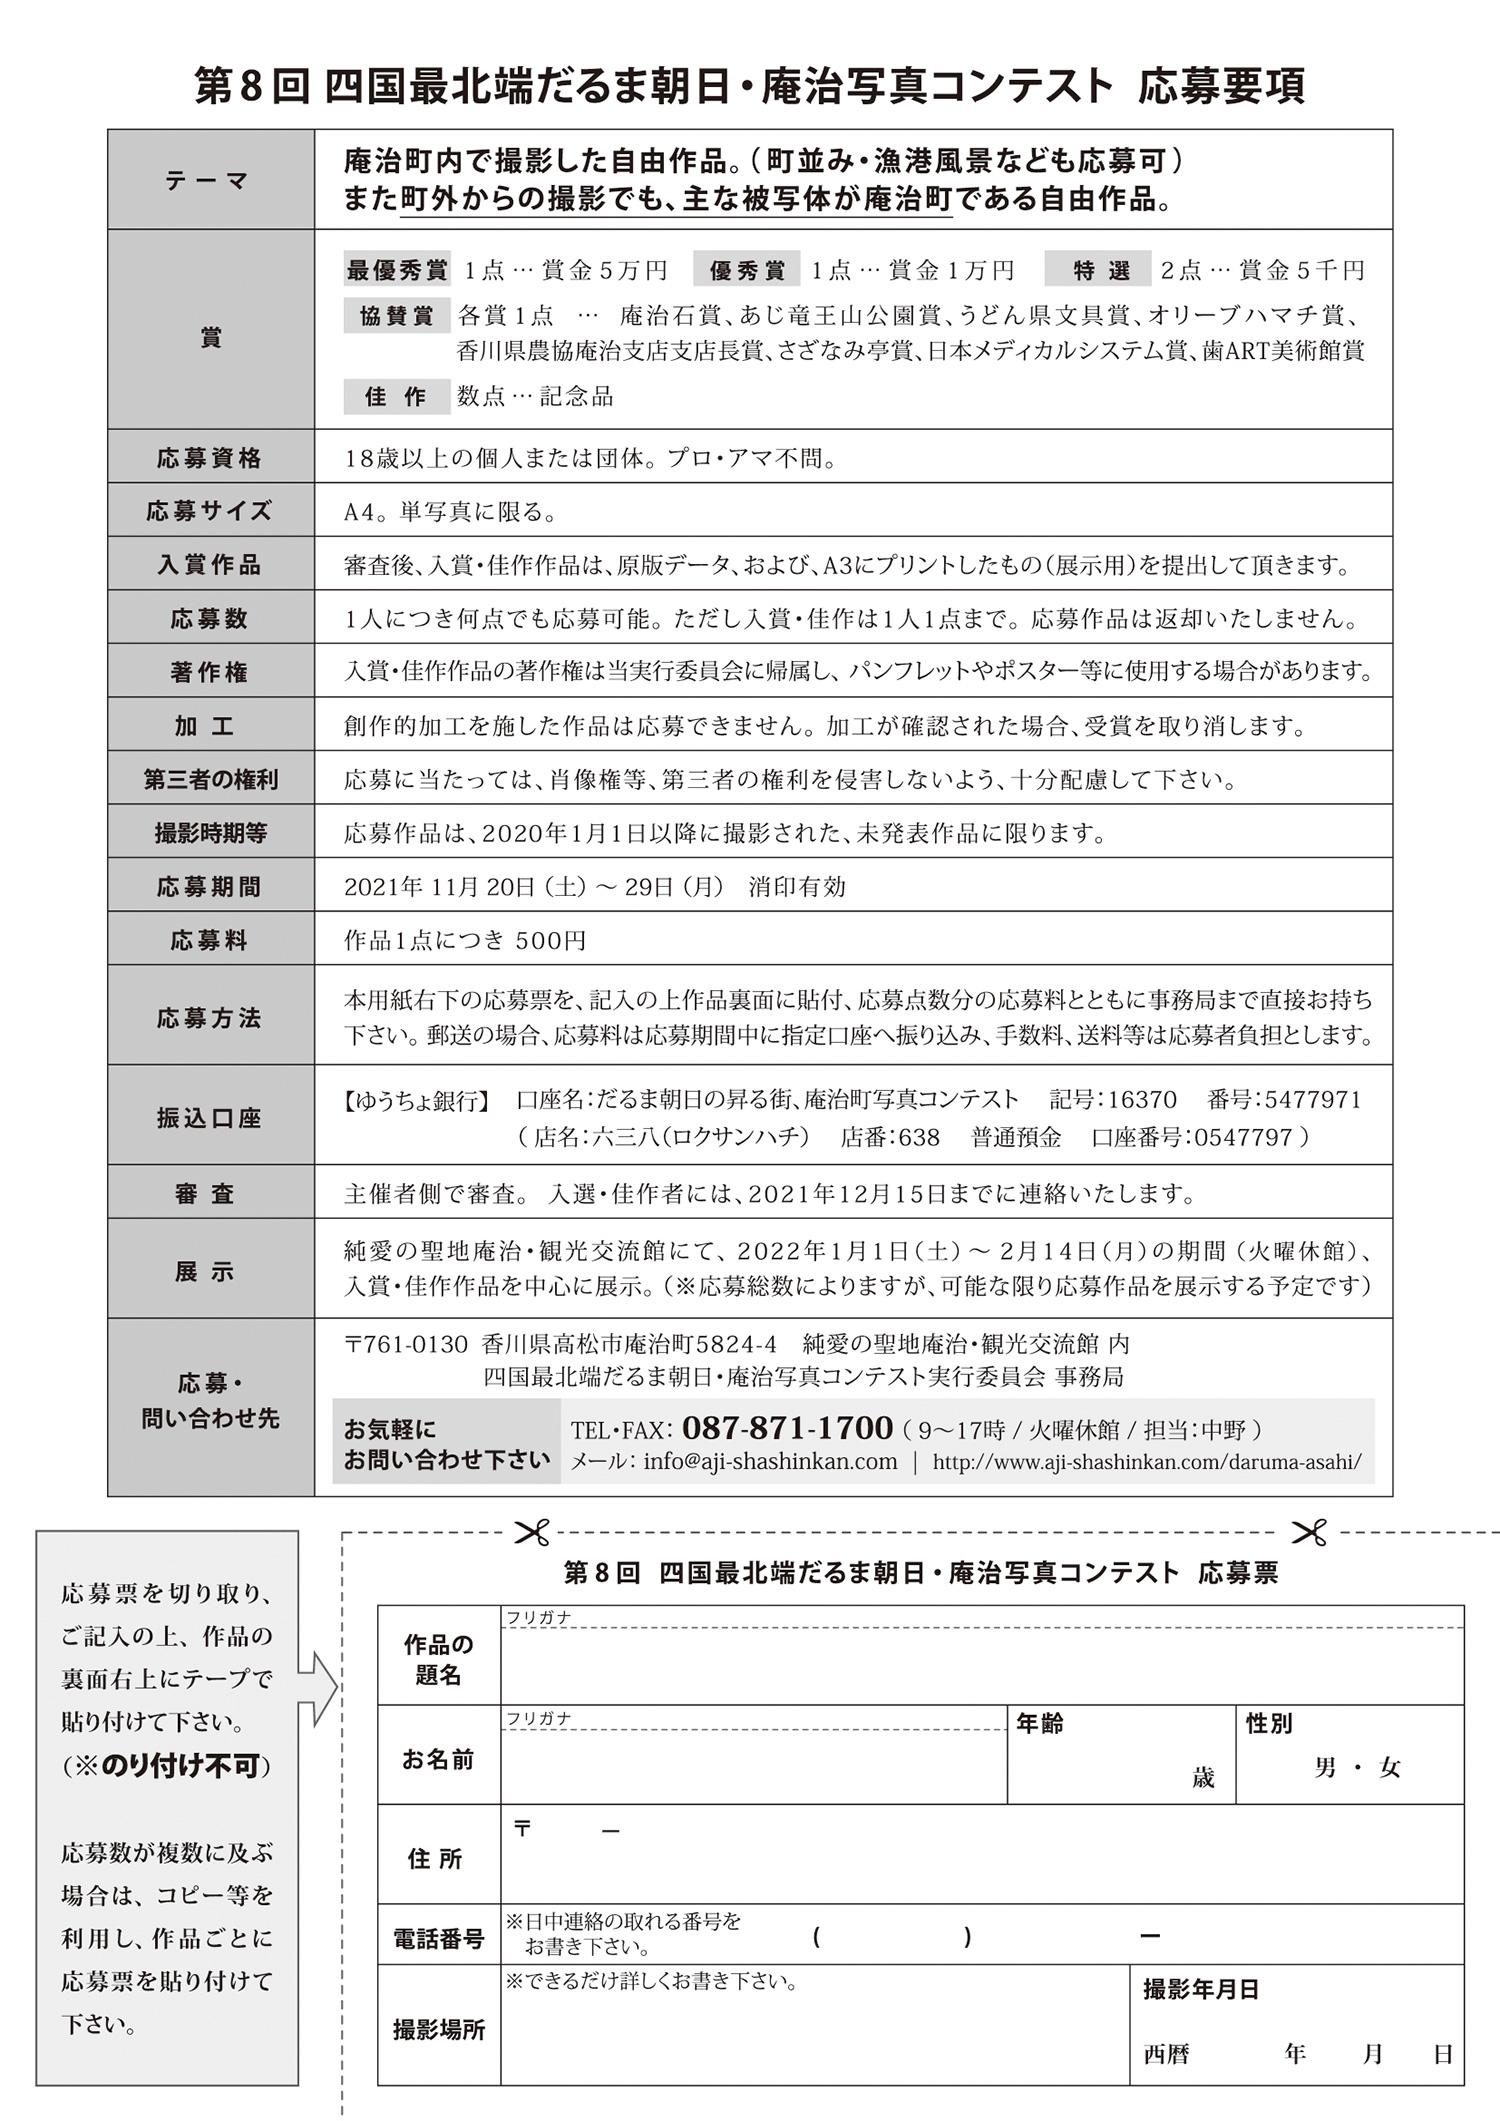 第8回(2021年度) 四国最北端だるま朝日・庵治写真コンテスト 応募要項 裏